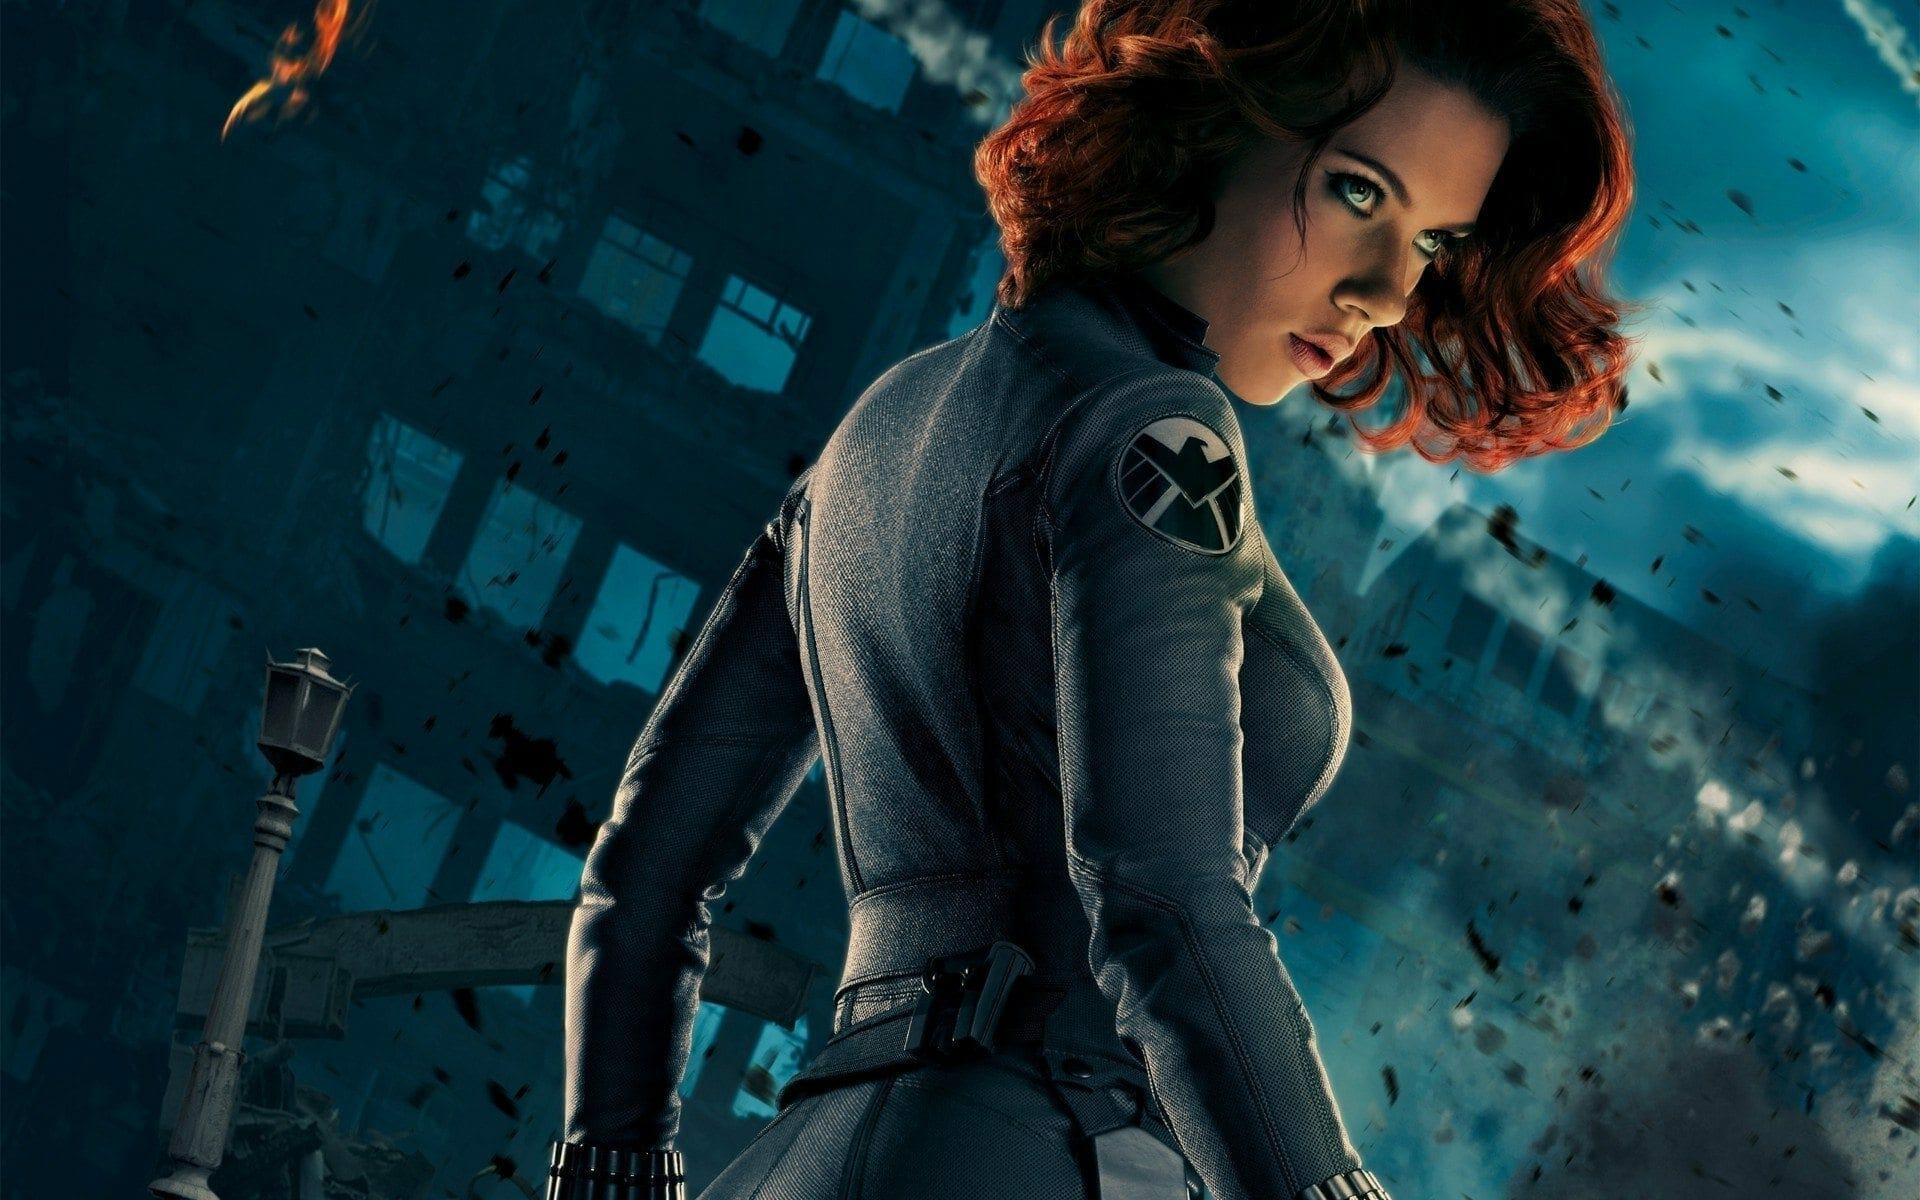 Scarlett-Johansson-Avengers